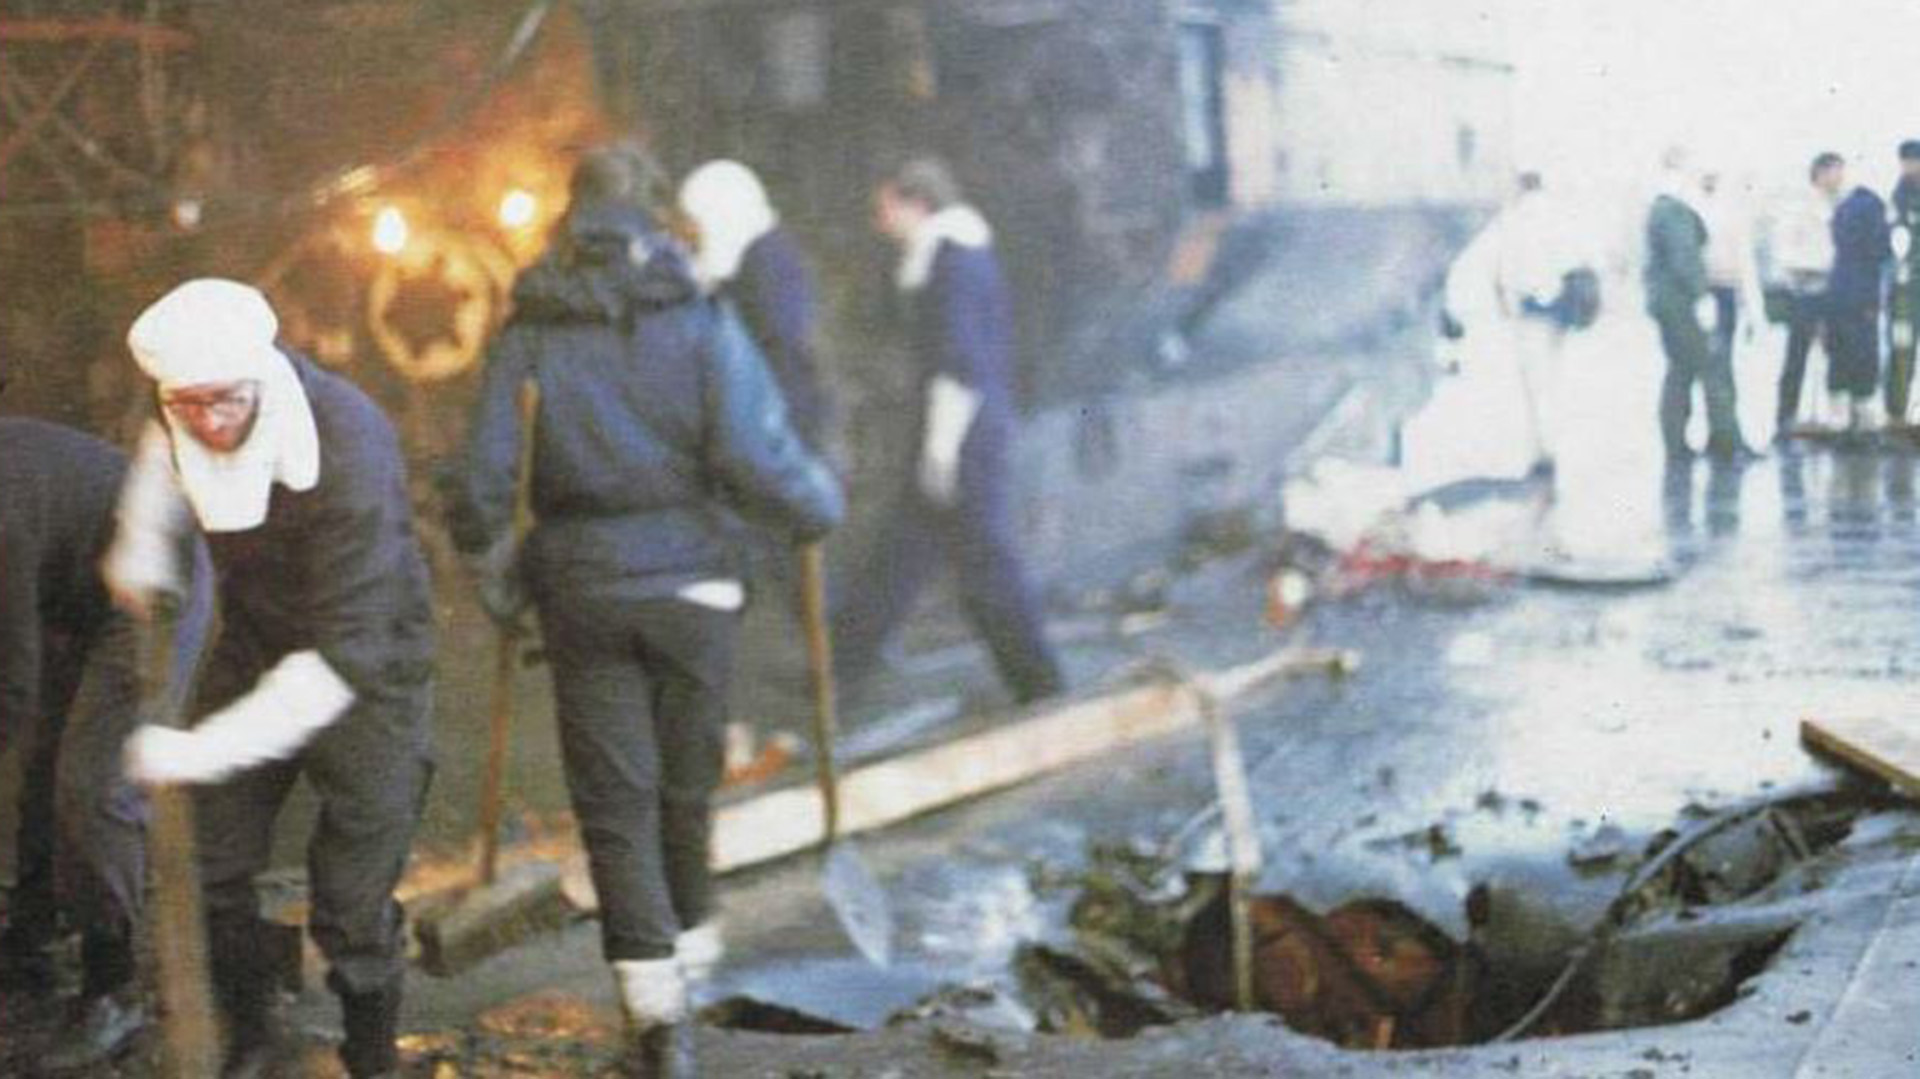 El HMS Glamorgan, un de los buques de la flota real dañados el 1 de mayo de 1982. El buque fue seriamente averiado y estuvo fuera de combate hasta junio. Los otros barcos alcanzados por las bombas de los aviadores argentinos fueron el HMS Arrow, el HMS Exeter y el HMS Alacrity